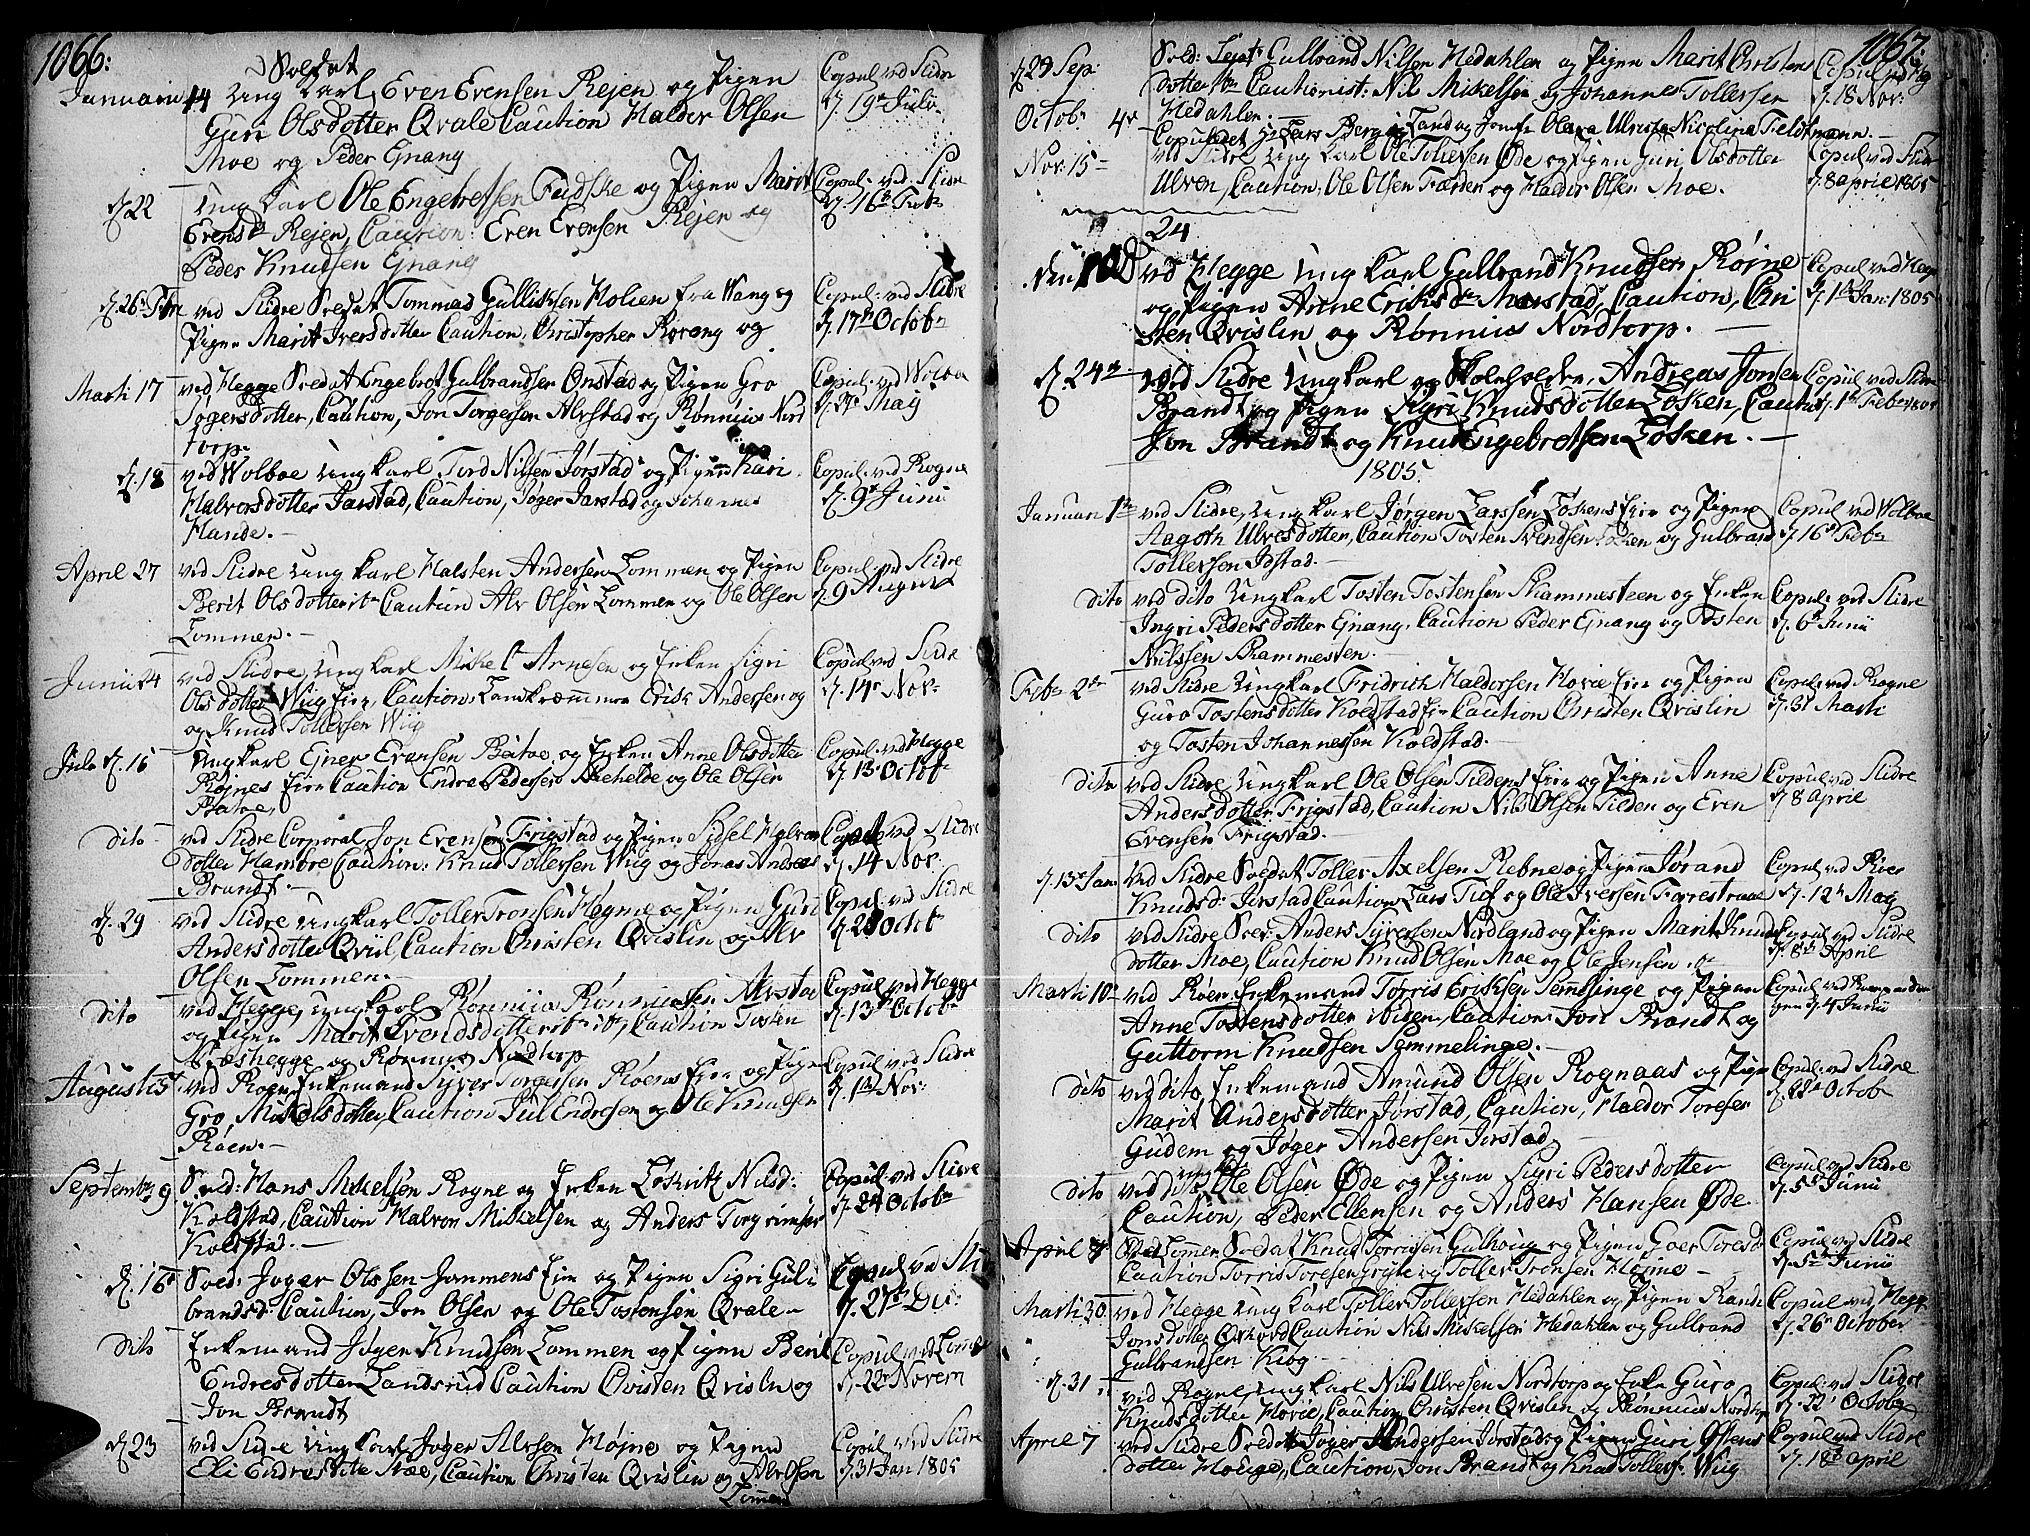 SAH, Slidre prestekontor, Ministerialbok nr. 1, 1724-1814, s. 1066-1067